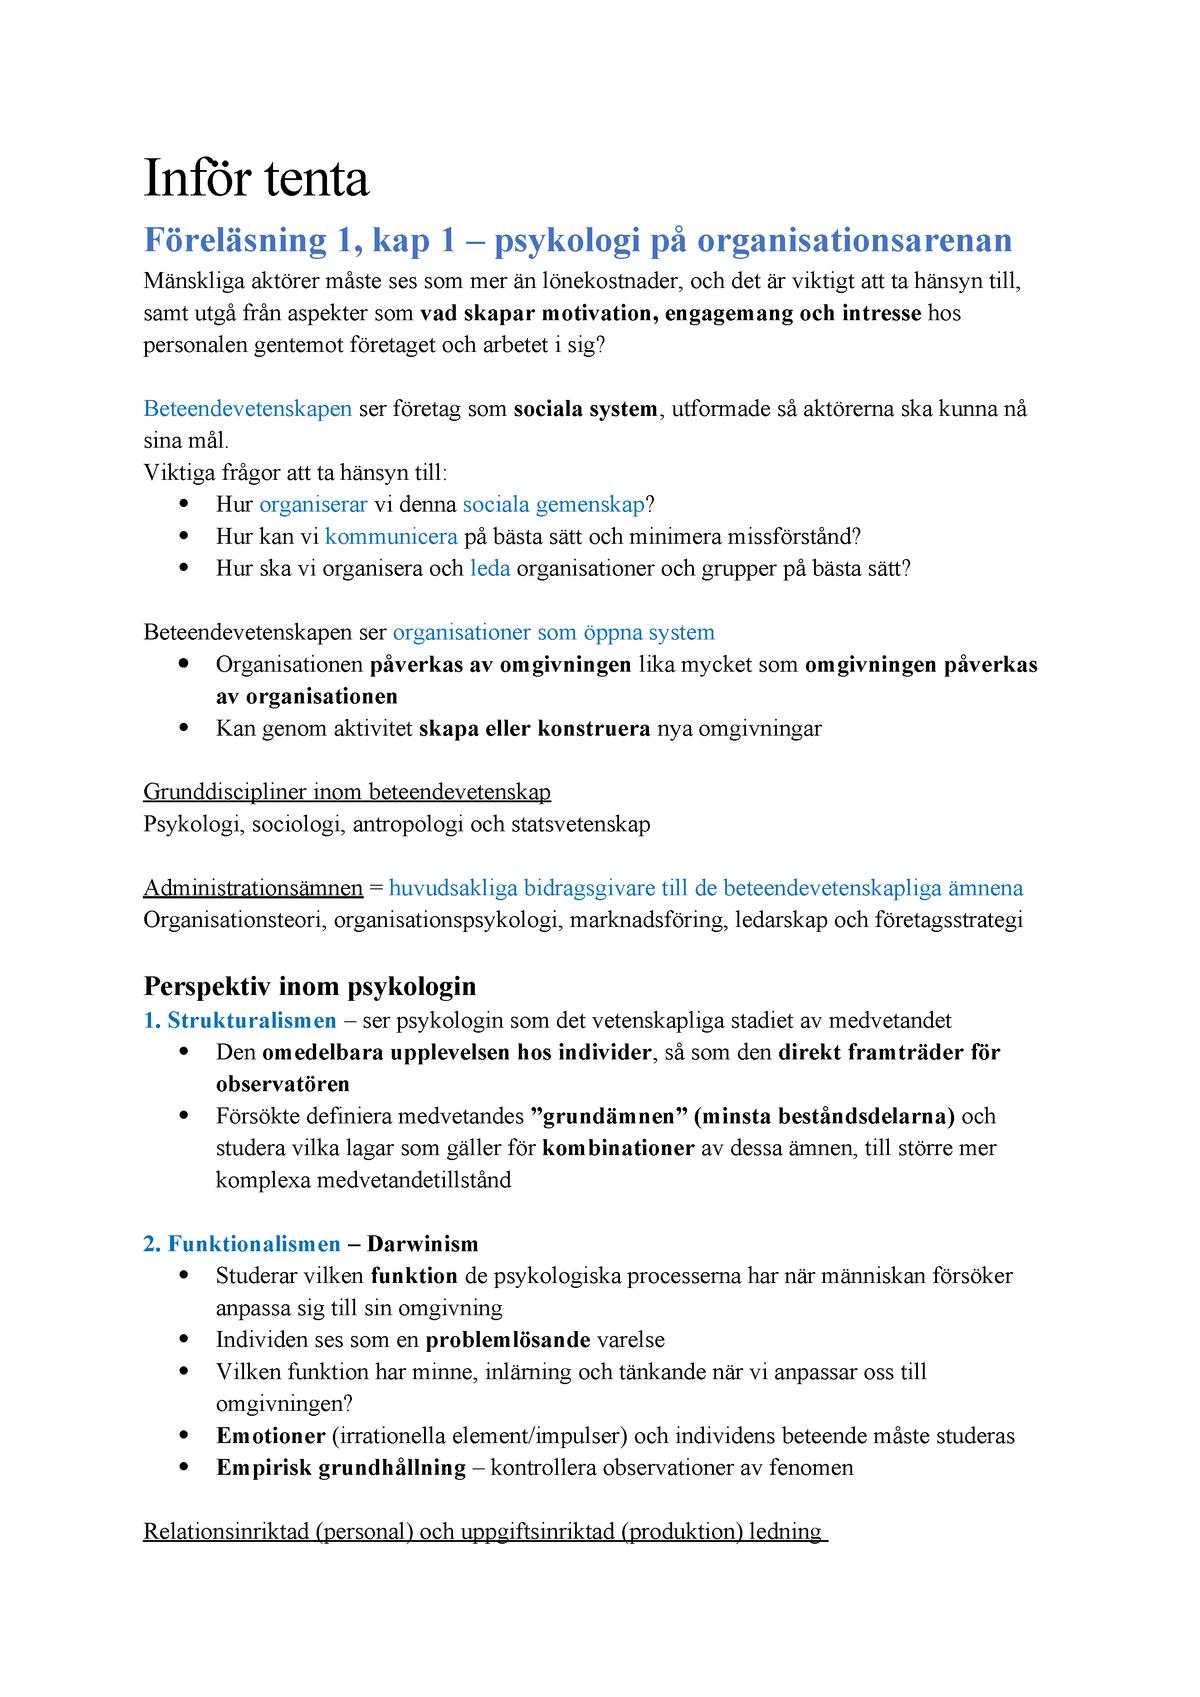 a7497613a6c4 Tentaanteckningar - 1007PS: Människa och arbetsliv - StuDocu